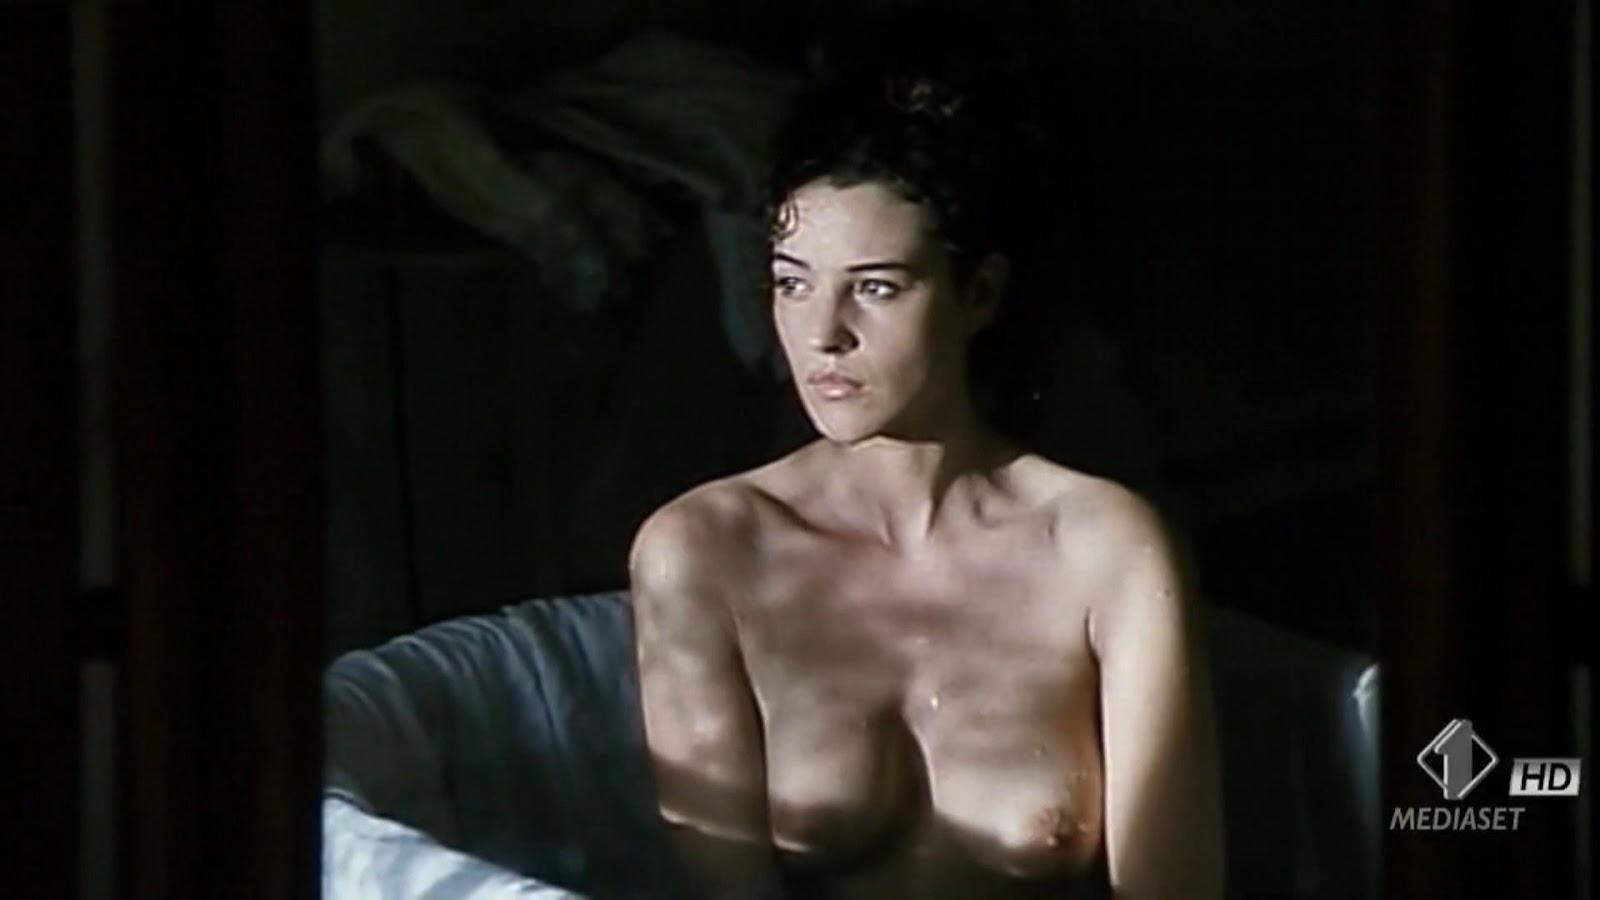 Jeanne tripplehorn nude vids